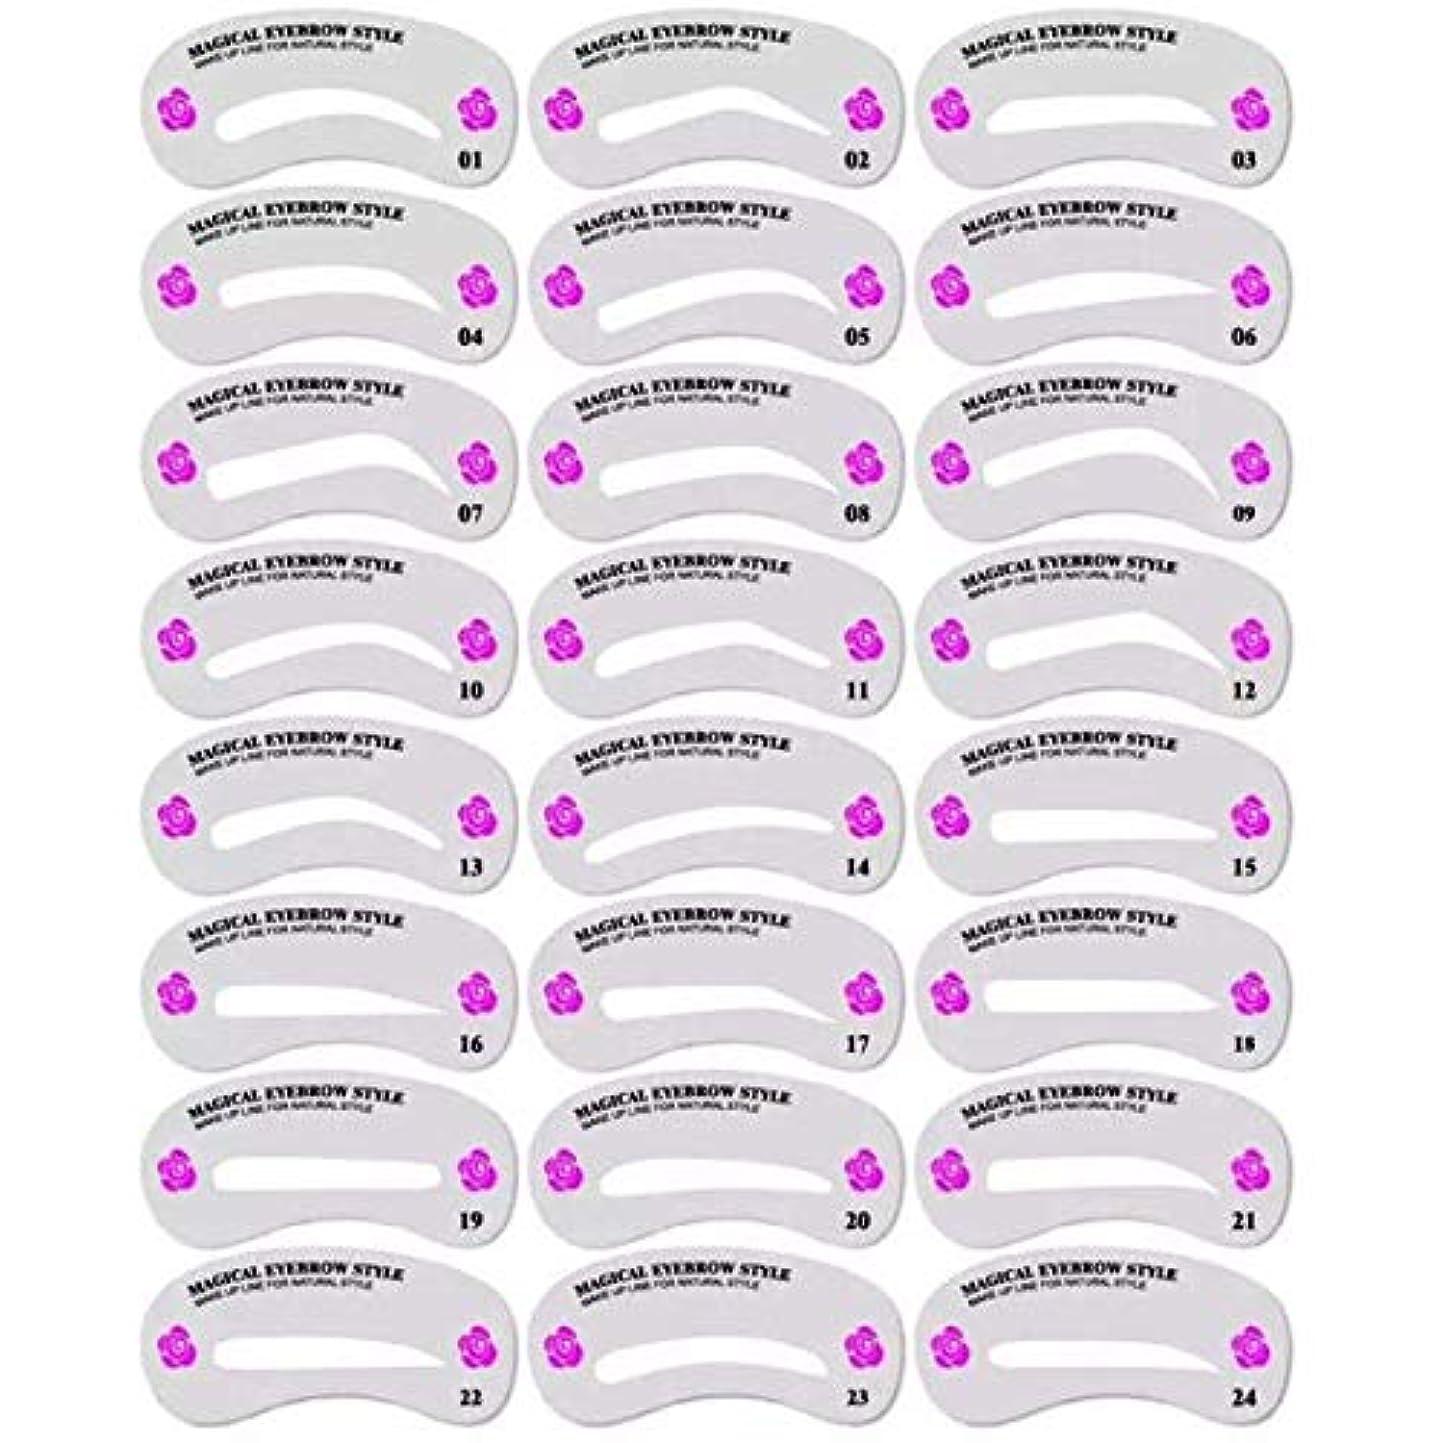 荒れ地マラウイディスク眉毛テンプレート 24種類 美容ツール メイクアップ ガイド 眉毛を気分で使い分け 男女兼用 (24枚セット)